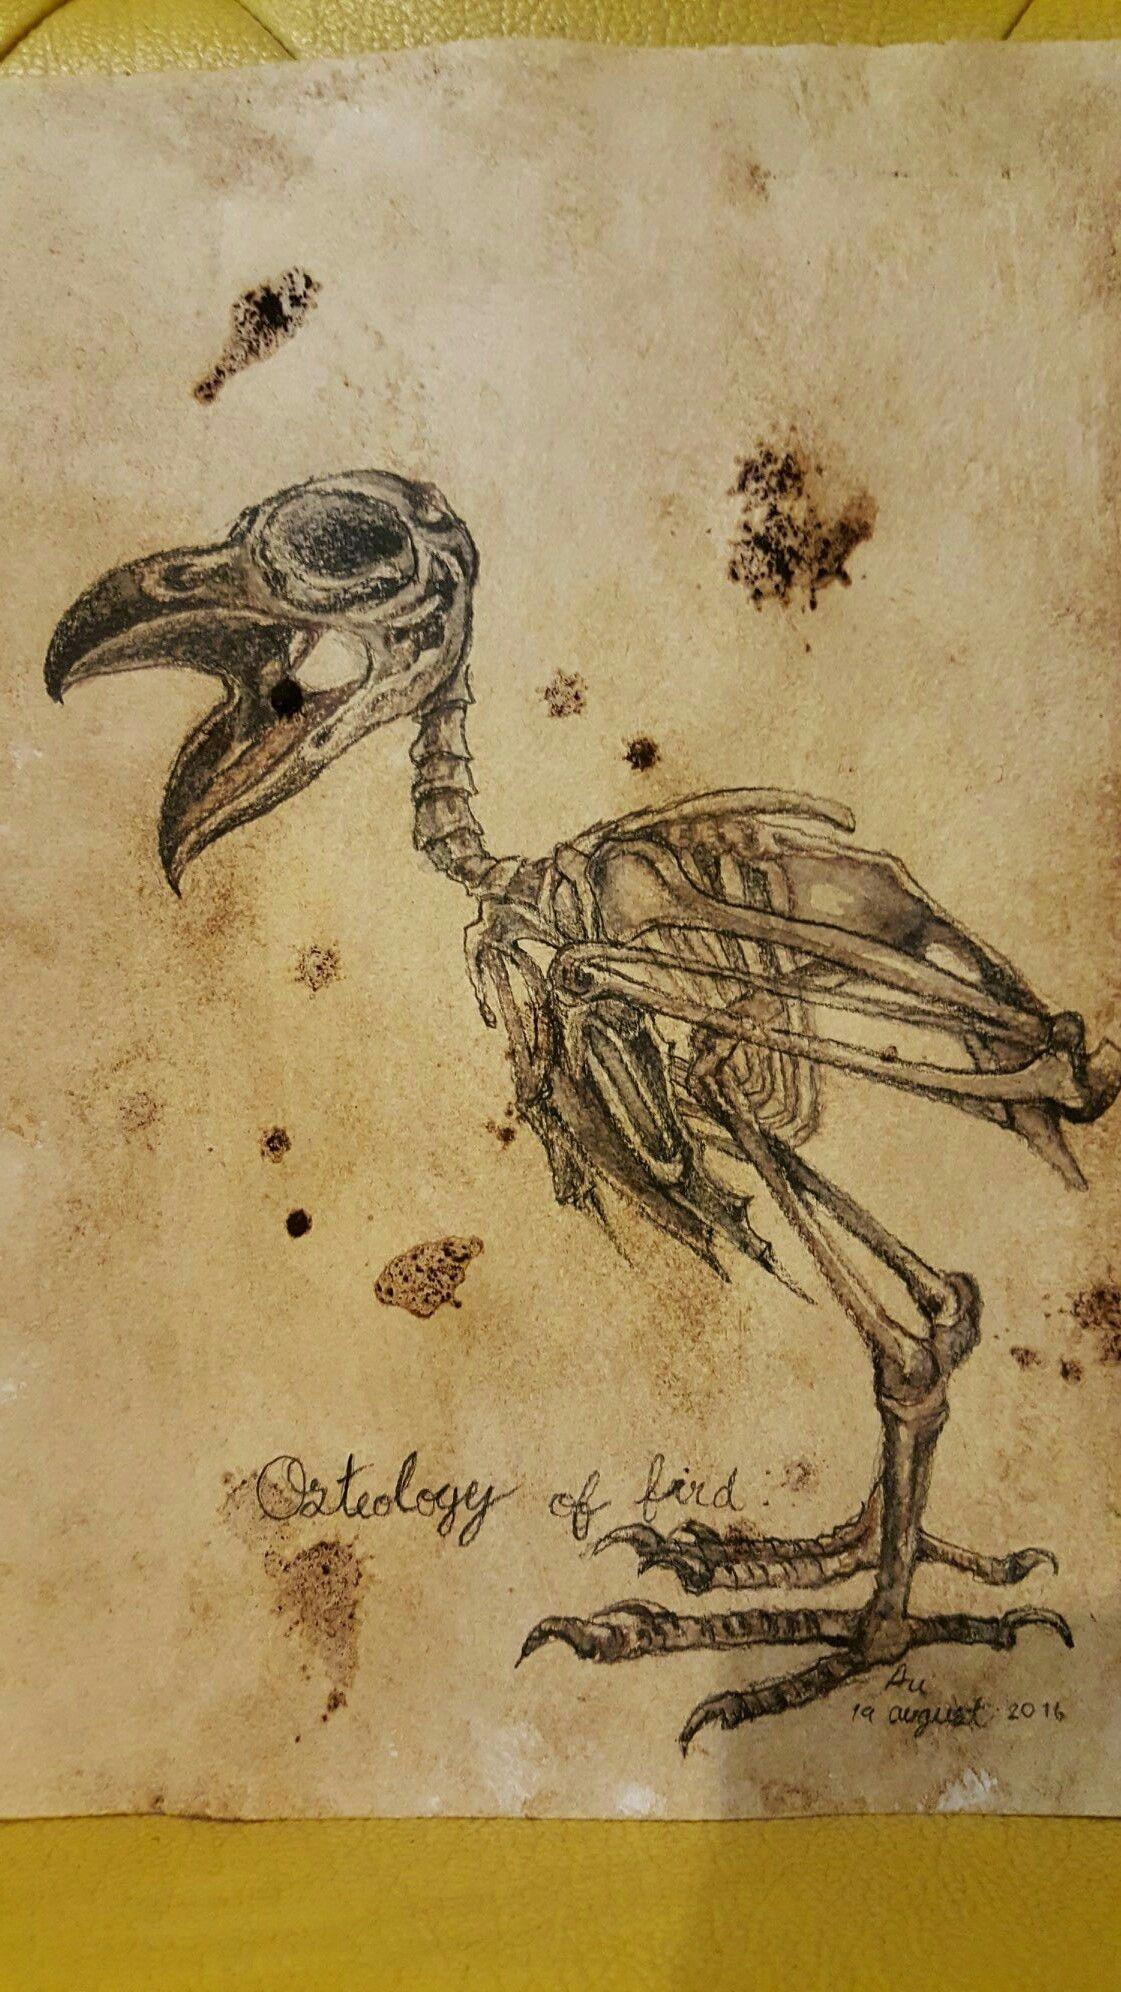 Ostology